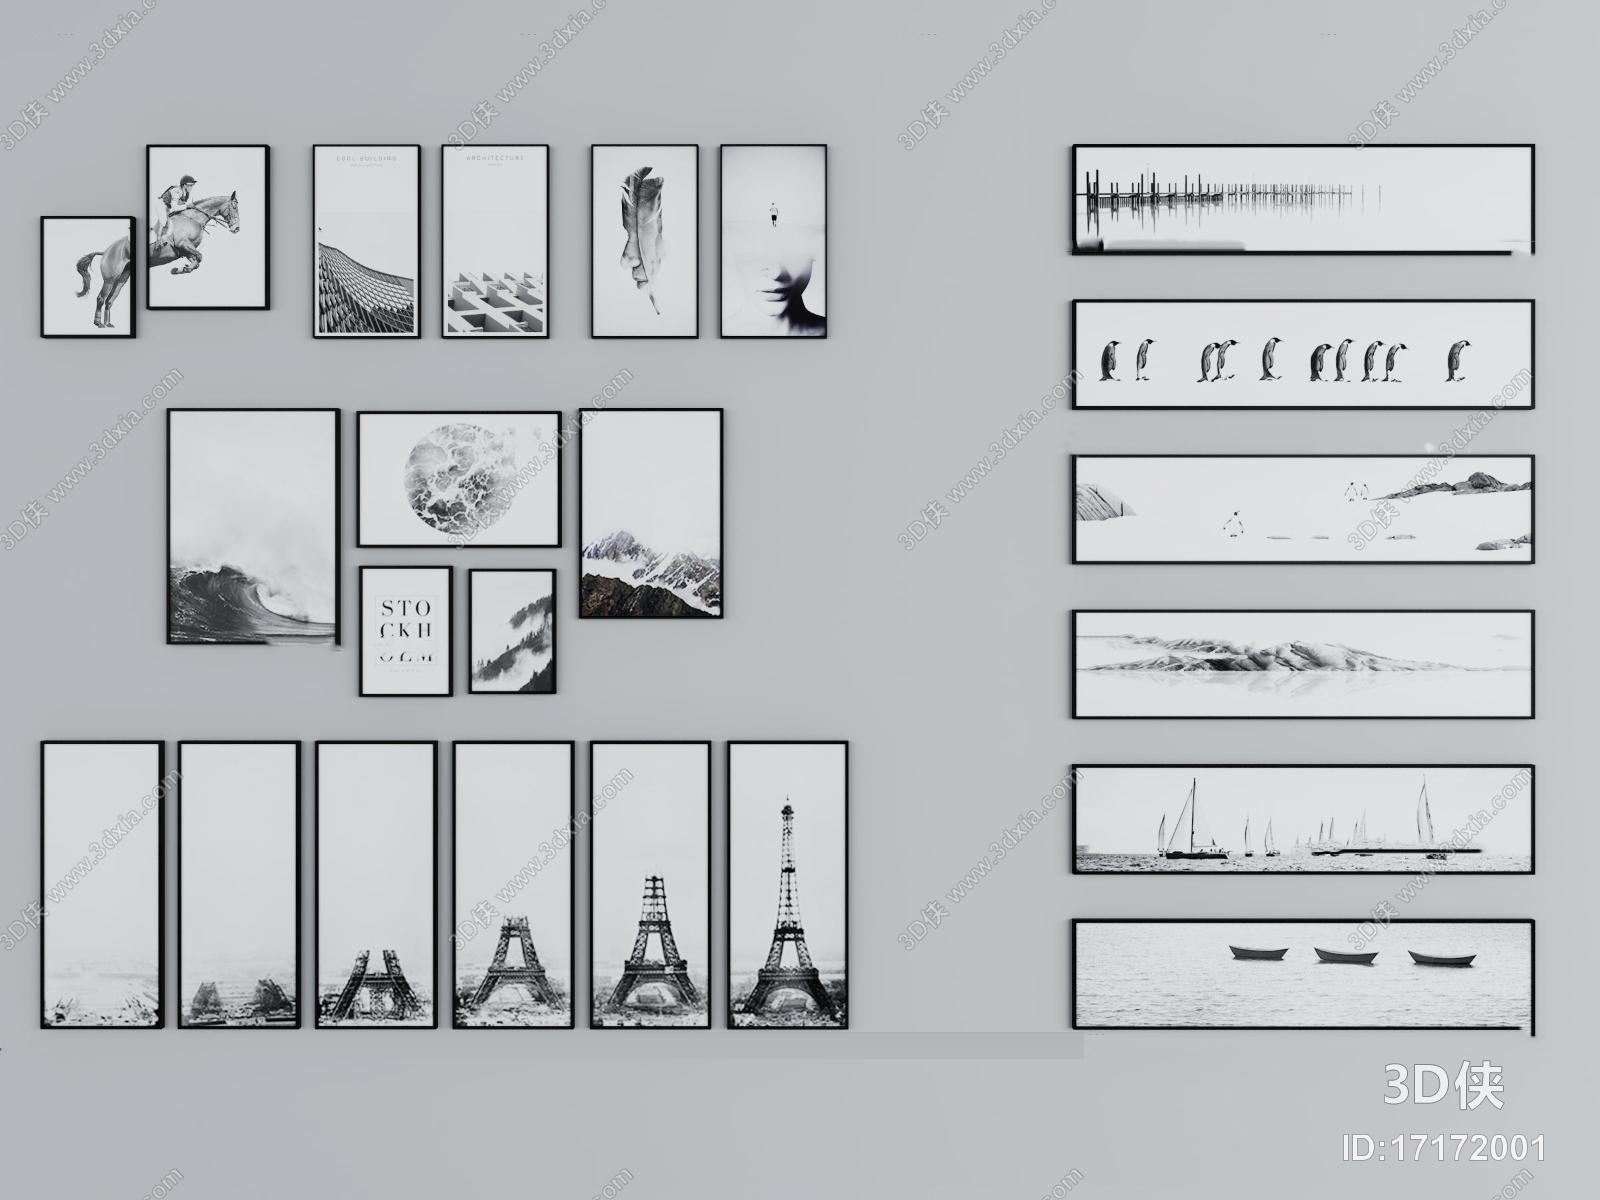 挂画效果图素材免费下载,本作品主题是现代黑白装饰画组合3d模型,编号